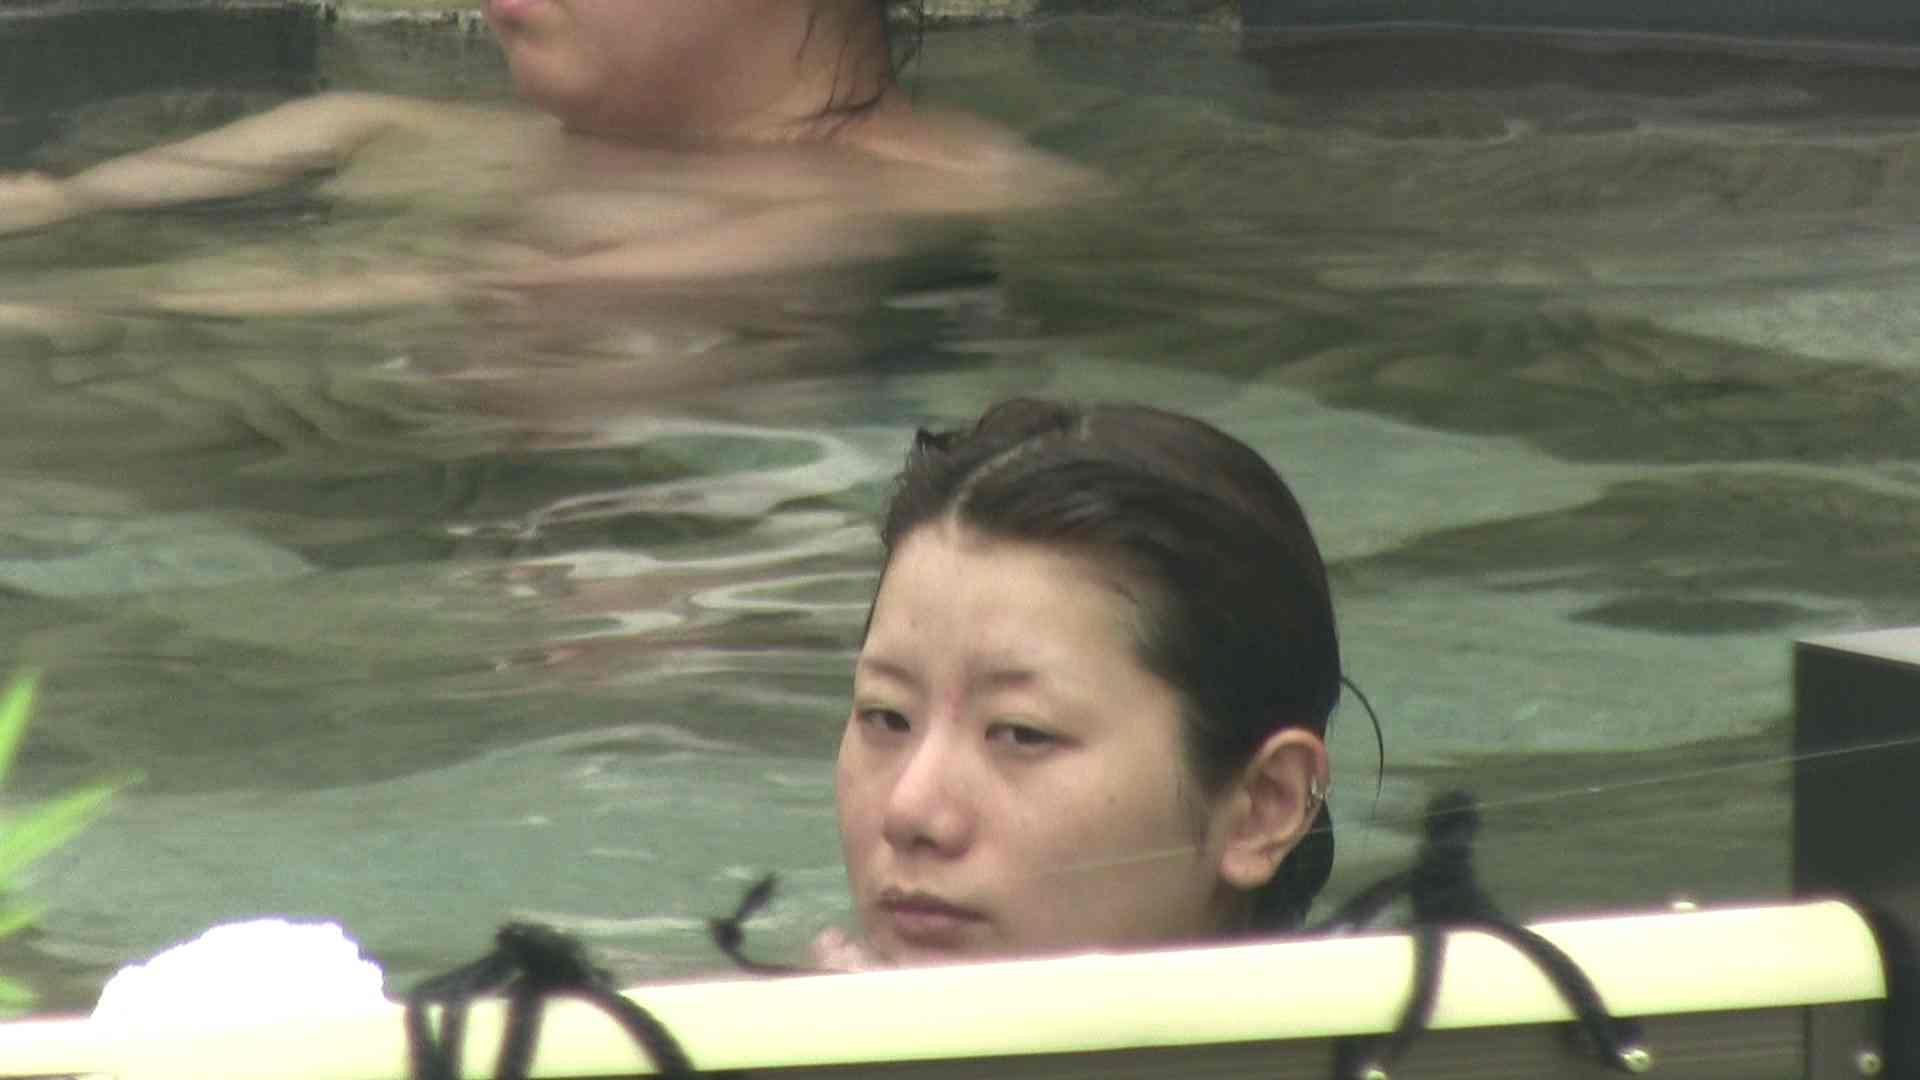 Aquaな露天風呂Vol.19【VIP】 美しいOLの裸体   盗撮師作品  106pic 67